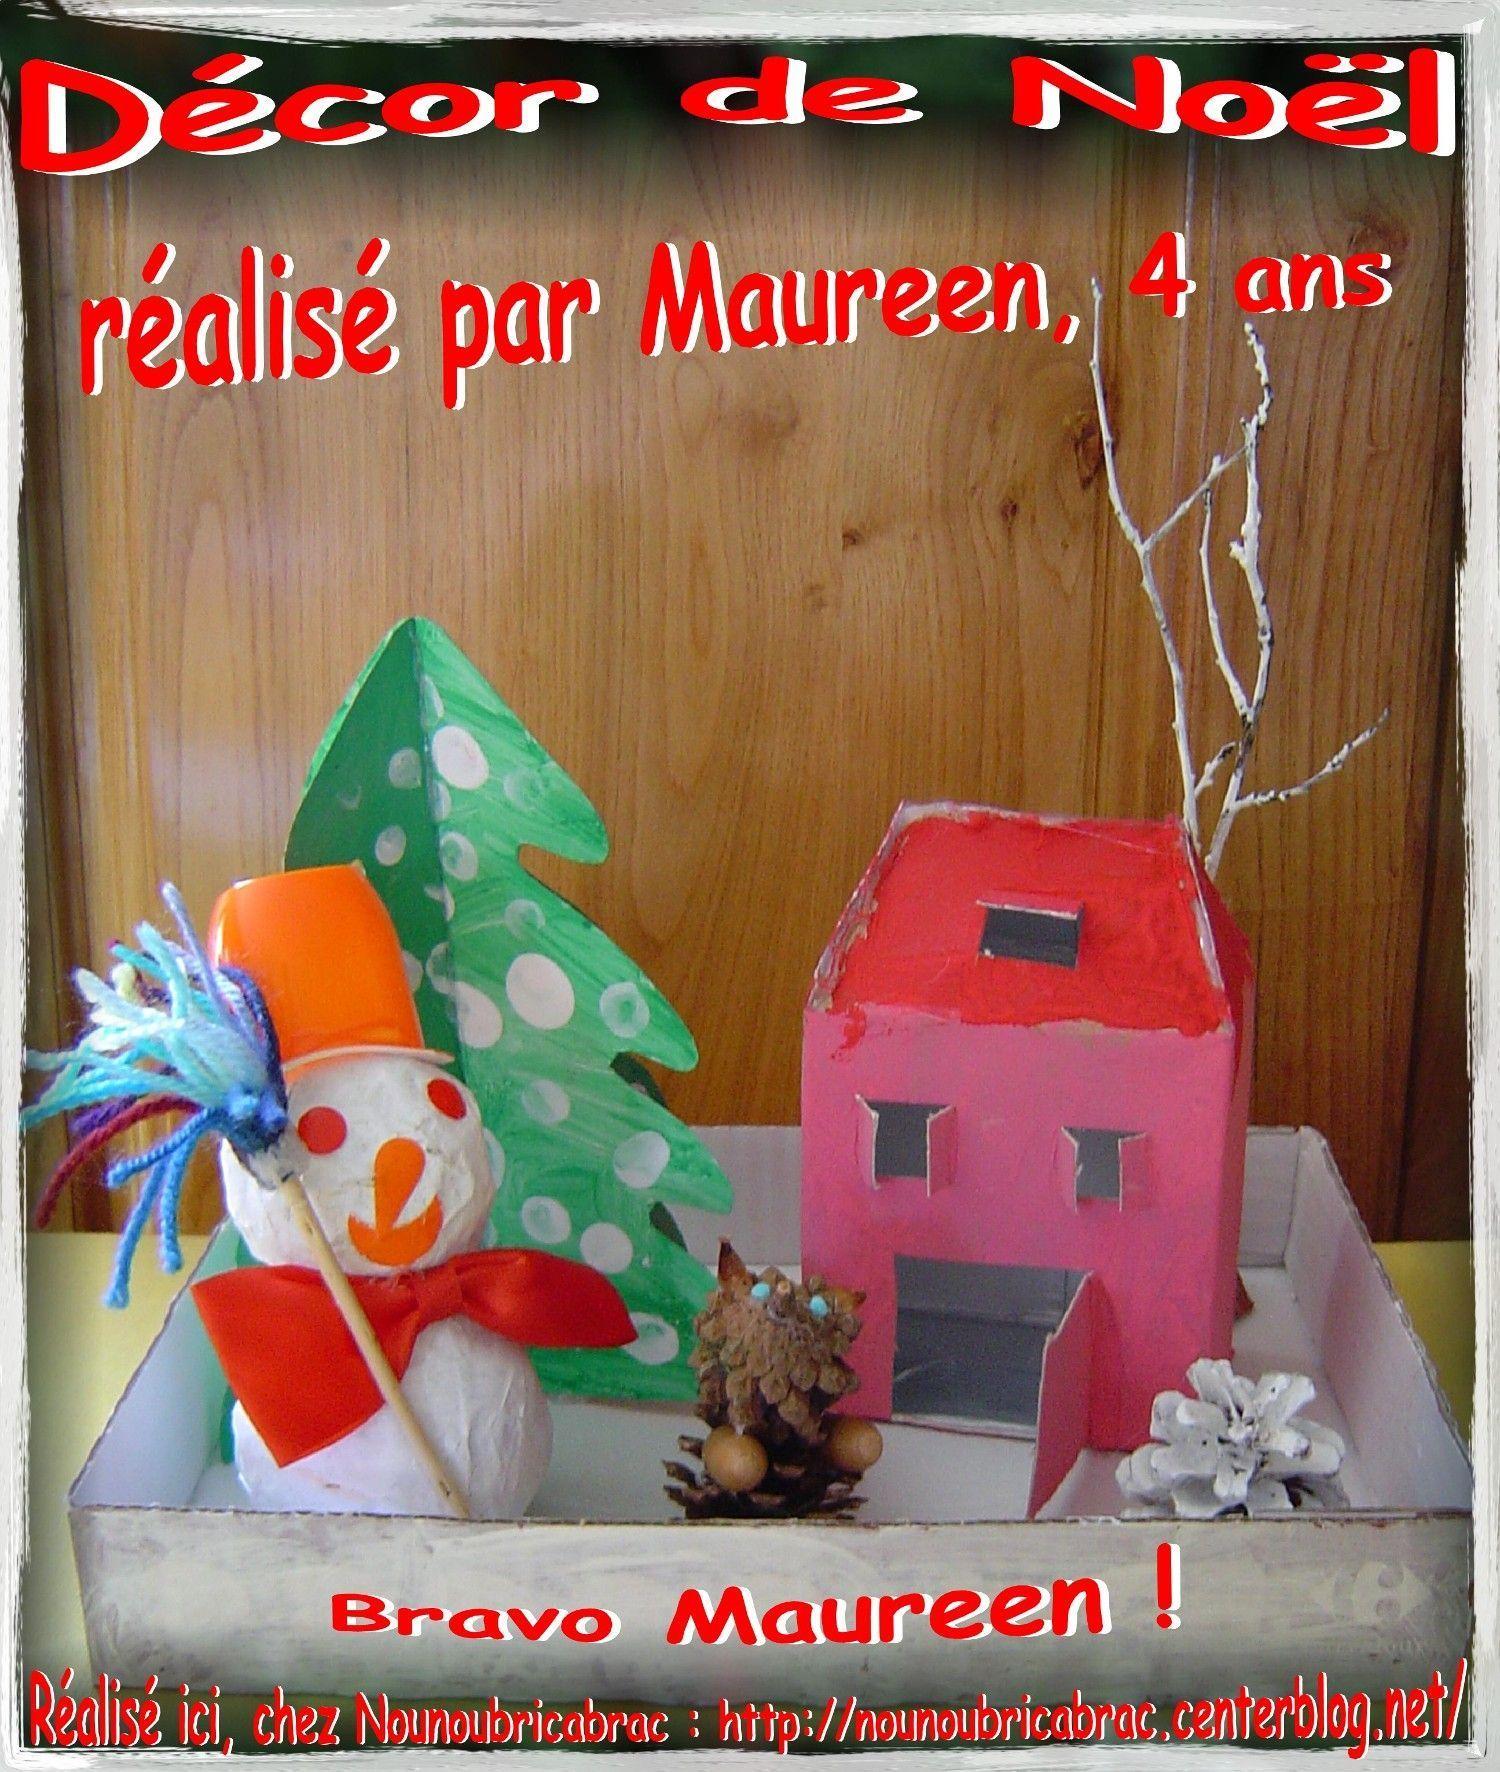 #B61915 Bricolages Pour Noel Deco A Realiser Soi Meme Page 3 5301 décorations de noël a fabriquer soi même bonhomme de neige 1500x1772 px @ aertt.com